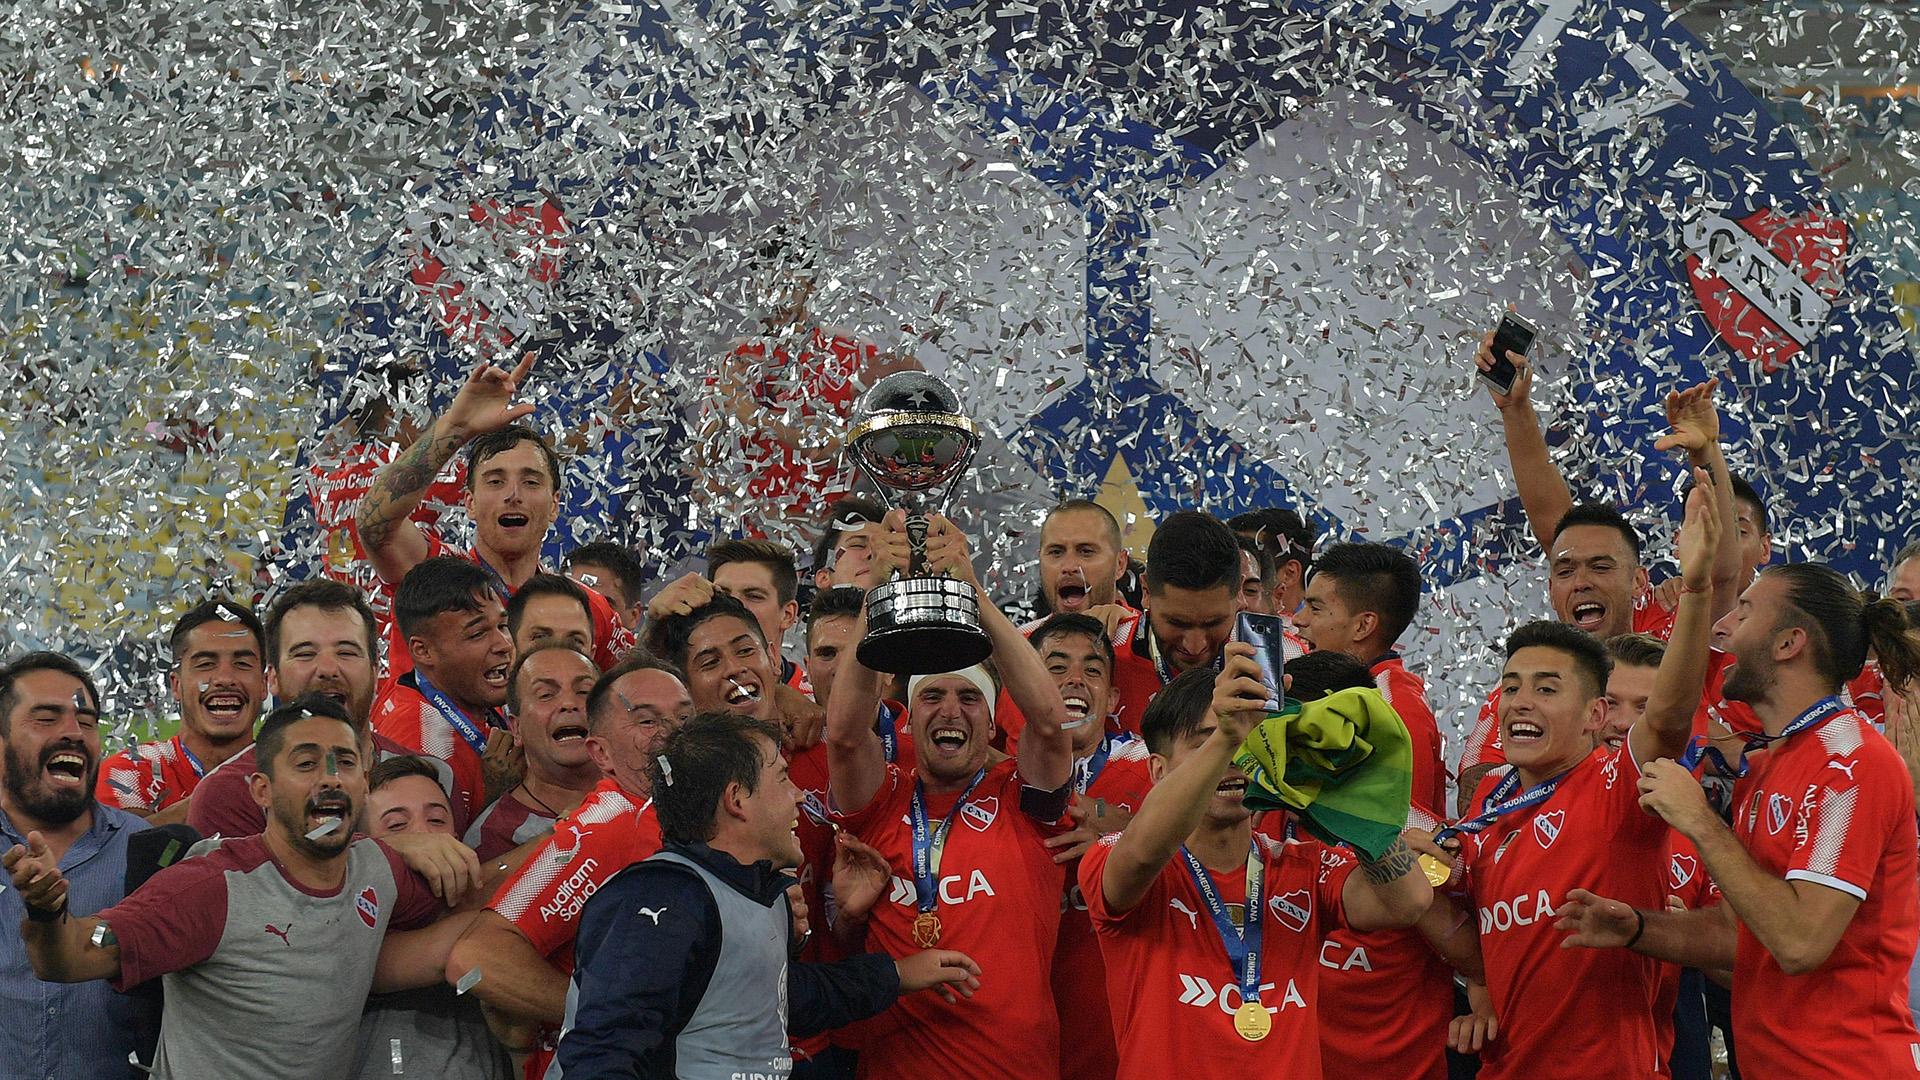 13/12 Independiente derrota al Flamengo y se convierte en campeón de la Copa Sudamericana